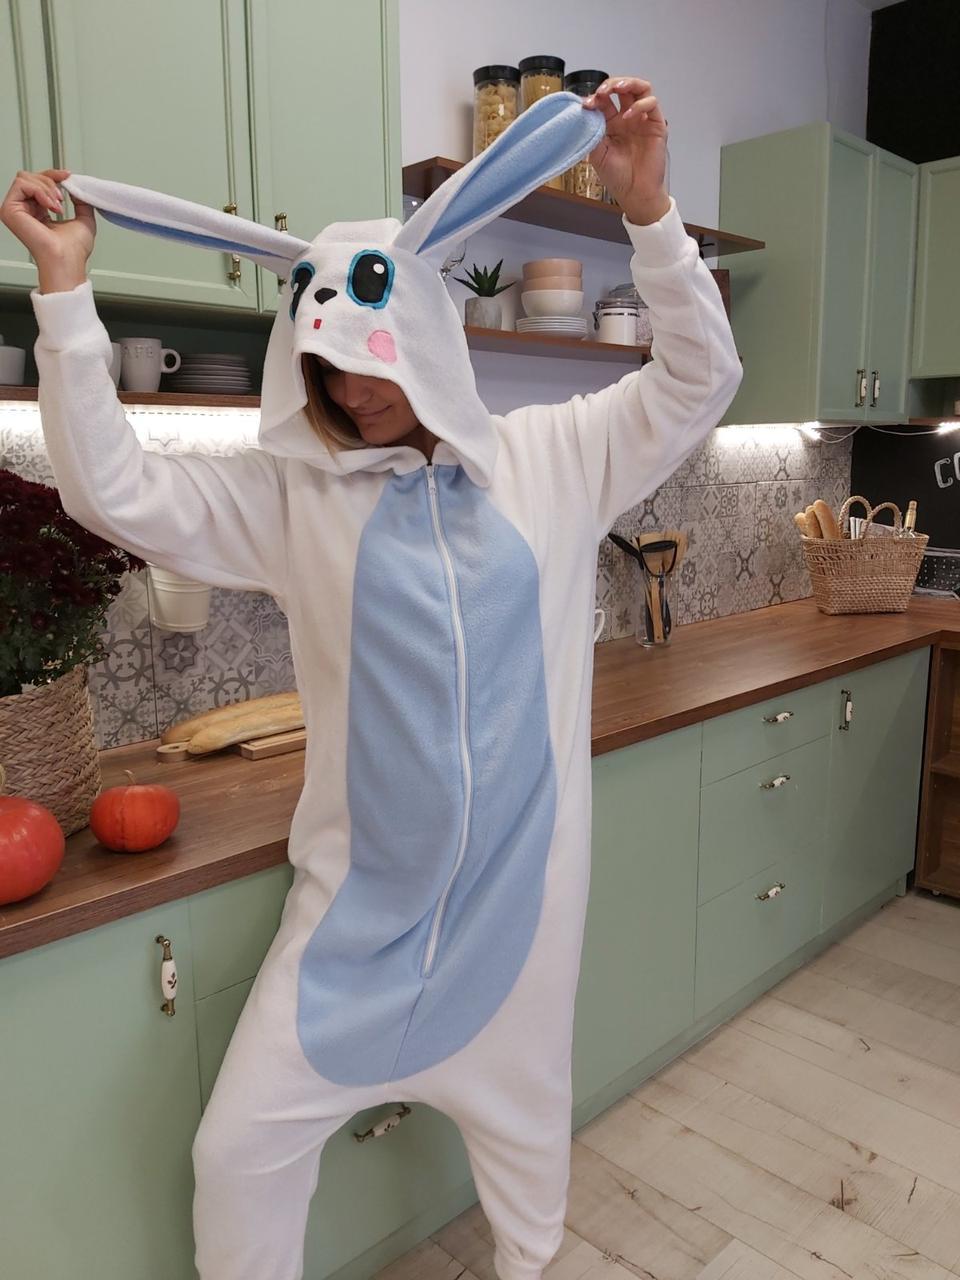 Пижама Кигуруми Заец есть все размеры Украинское производство Размер 110-128 см